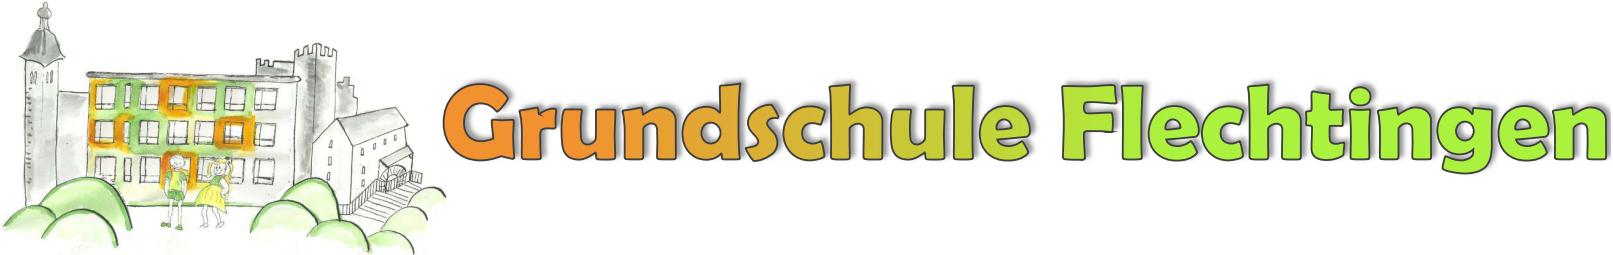 Grundschule Flechtingen